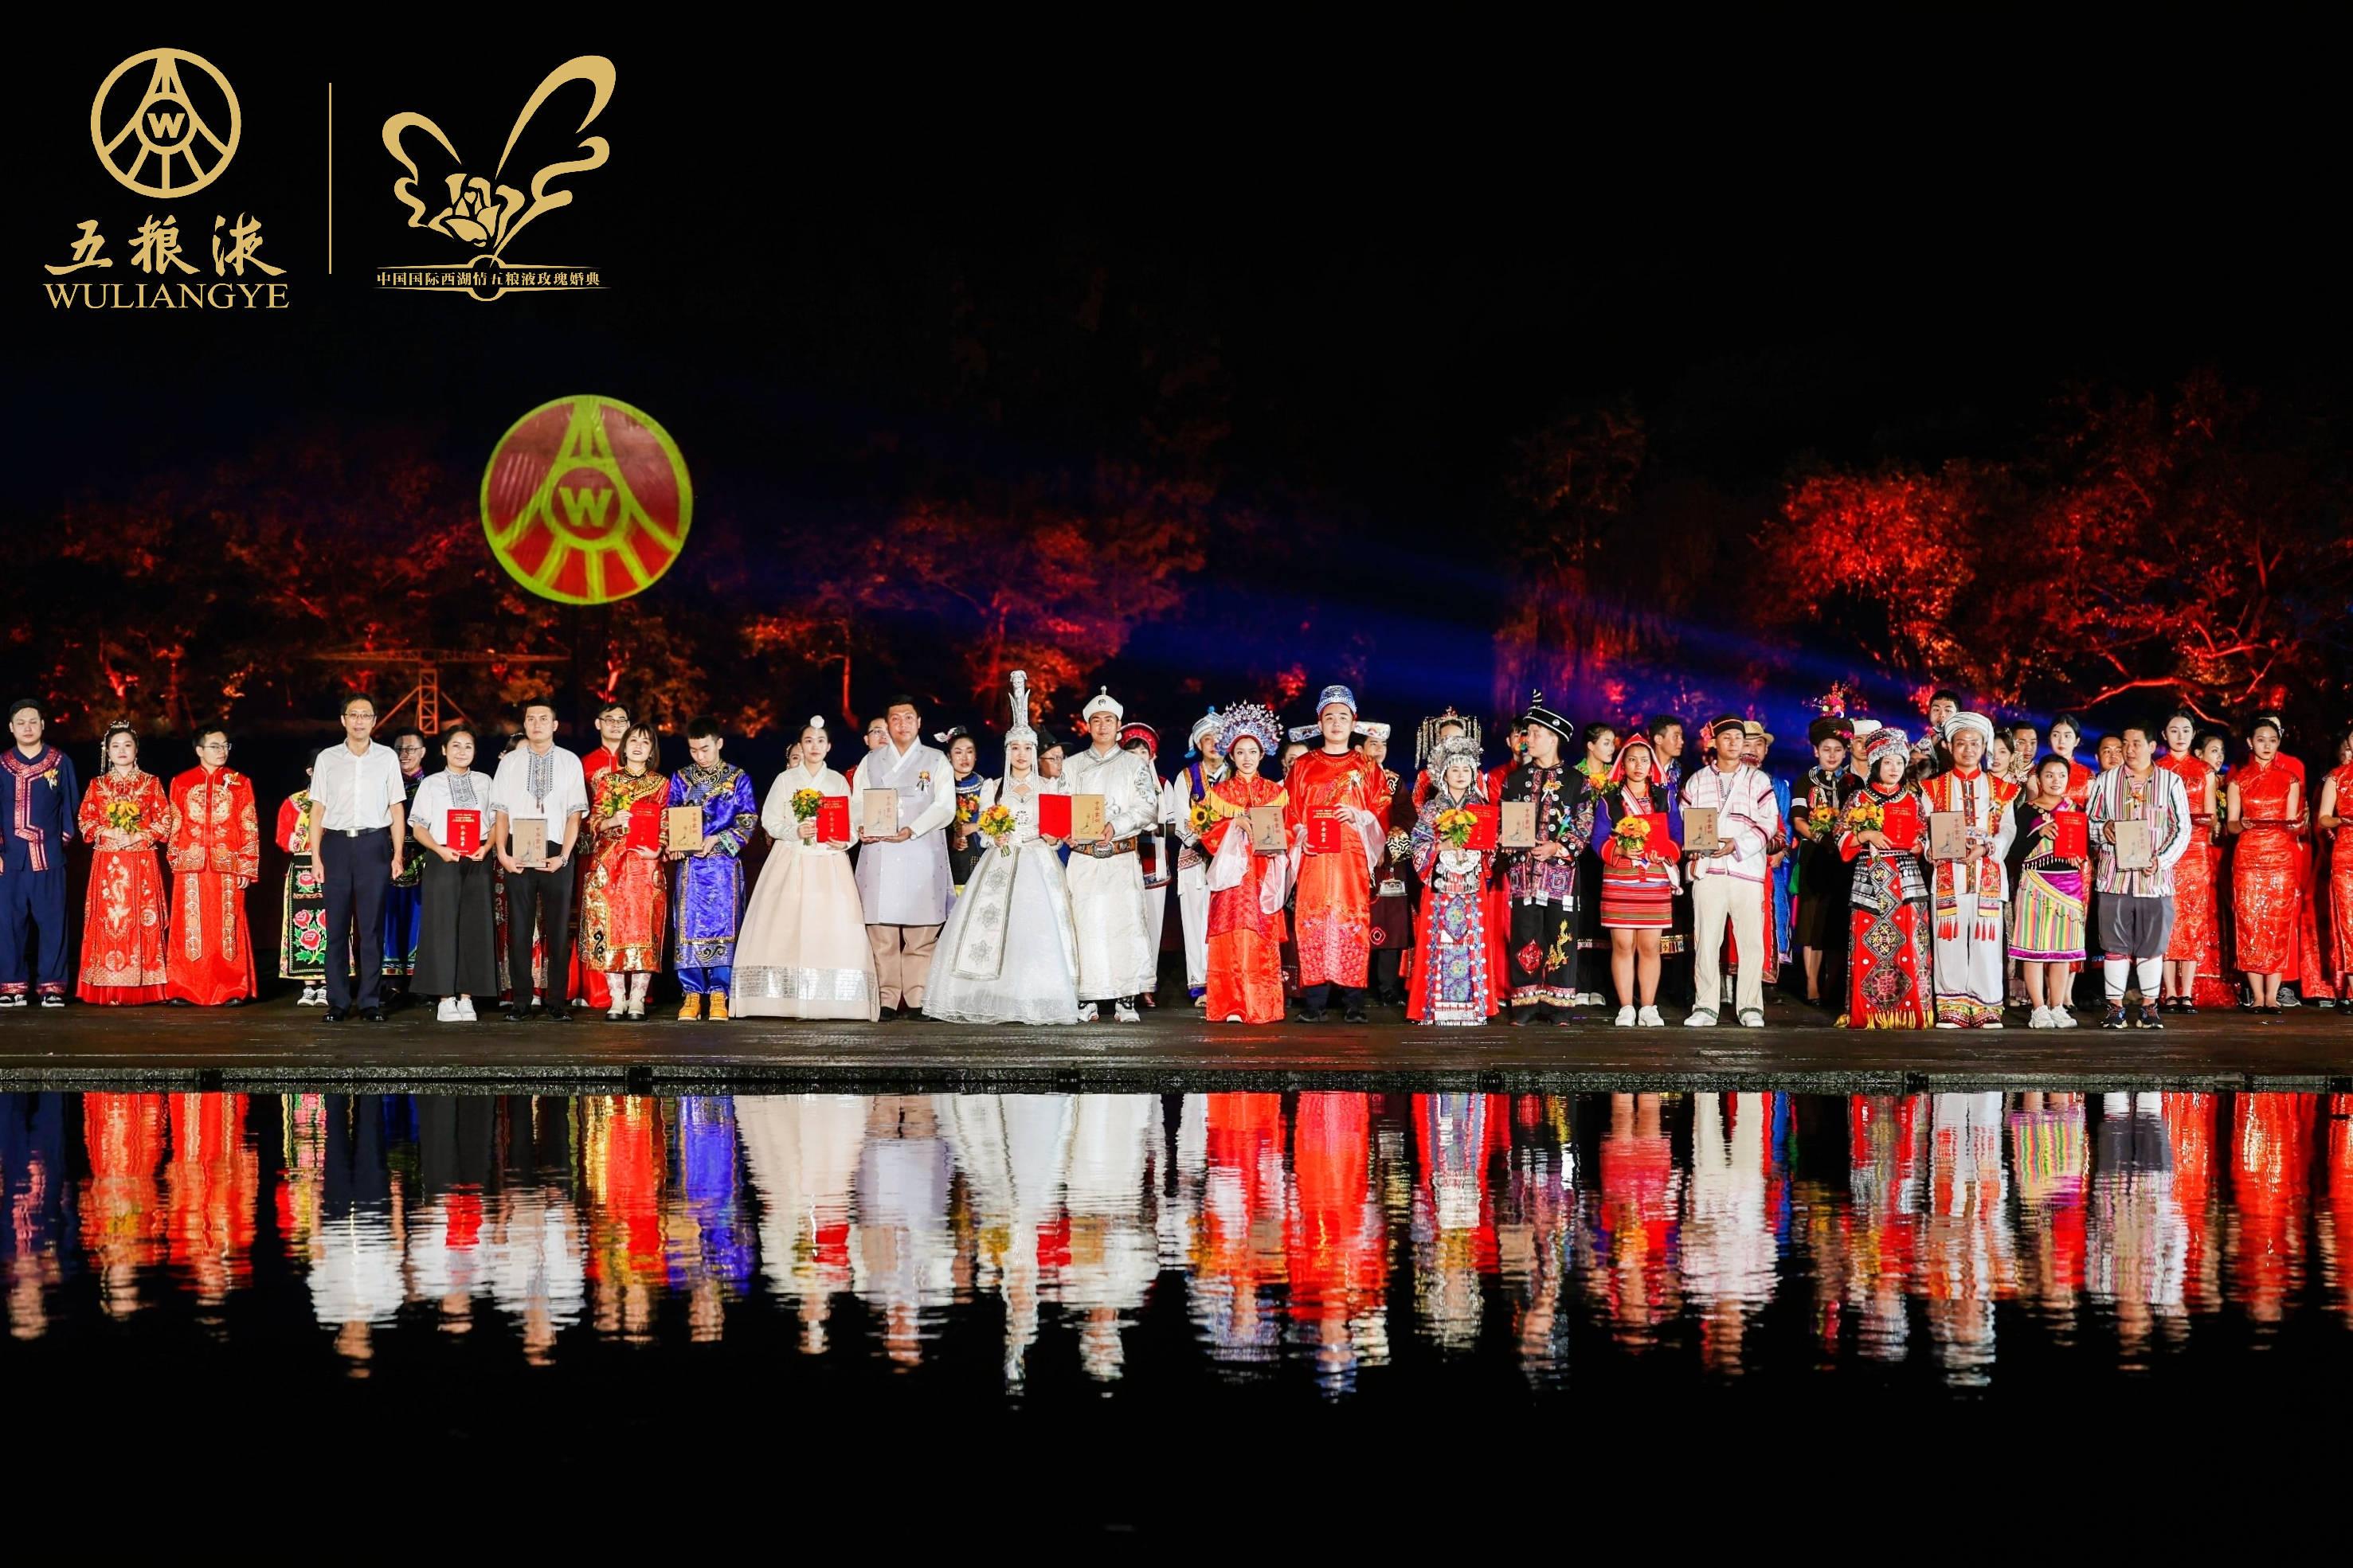 和美五糧液聯姻和美婚典 持續打造中國和美文化超級IP